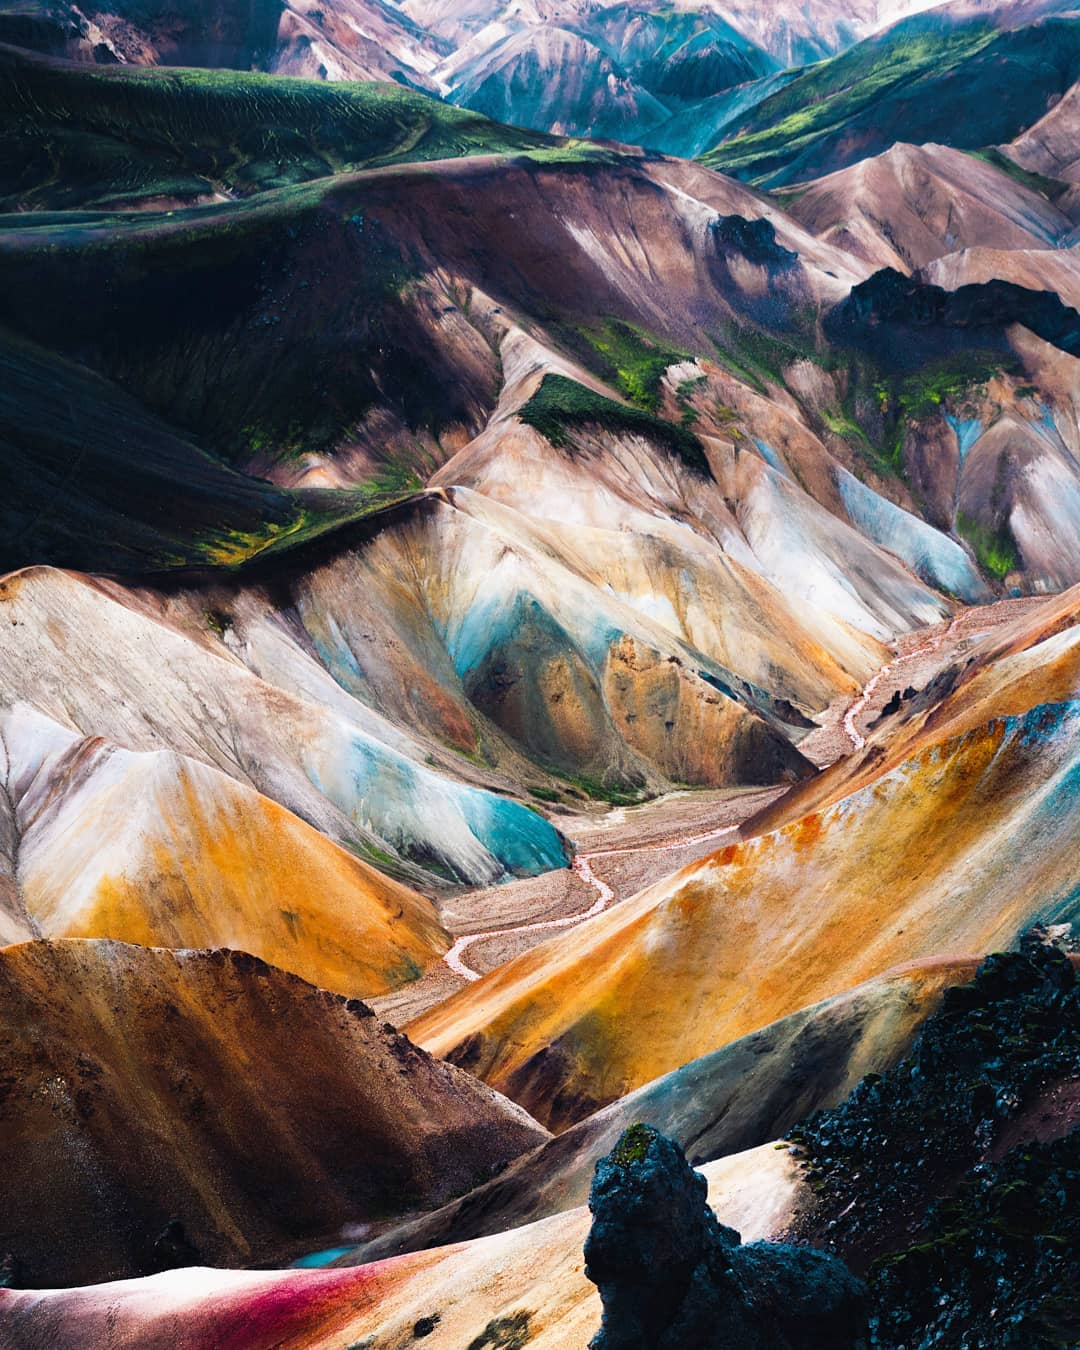 Природа и путешествия на снимках Кинана Лама